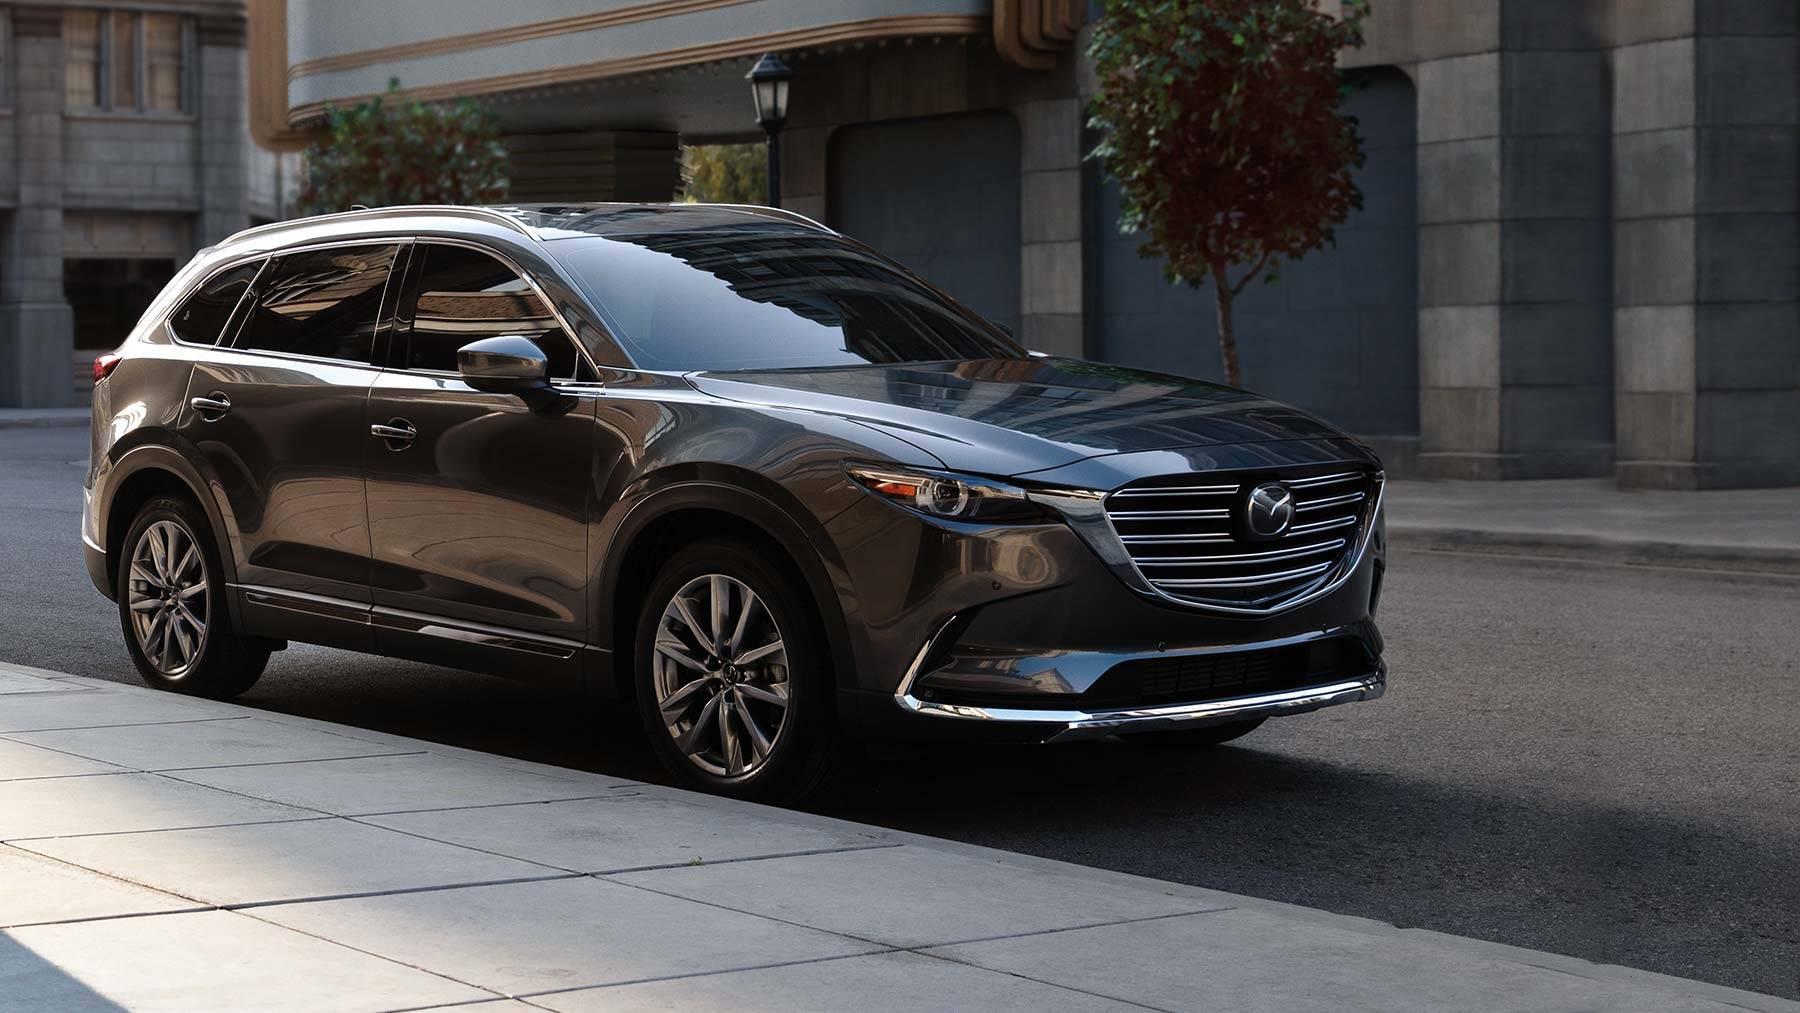 2019 Mazda CX-9 for Sale near Detroit, MI